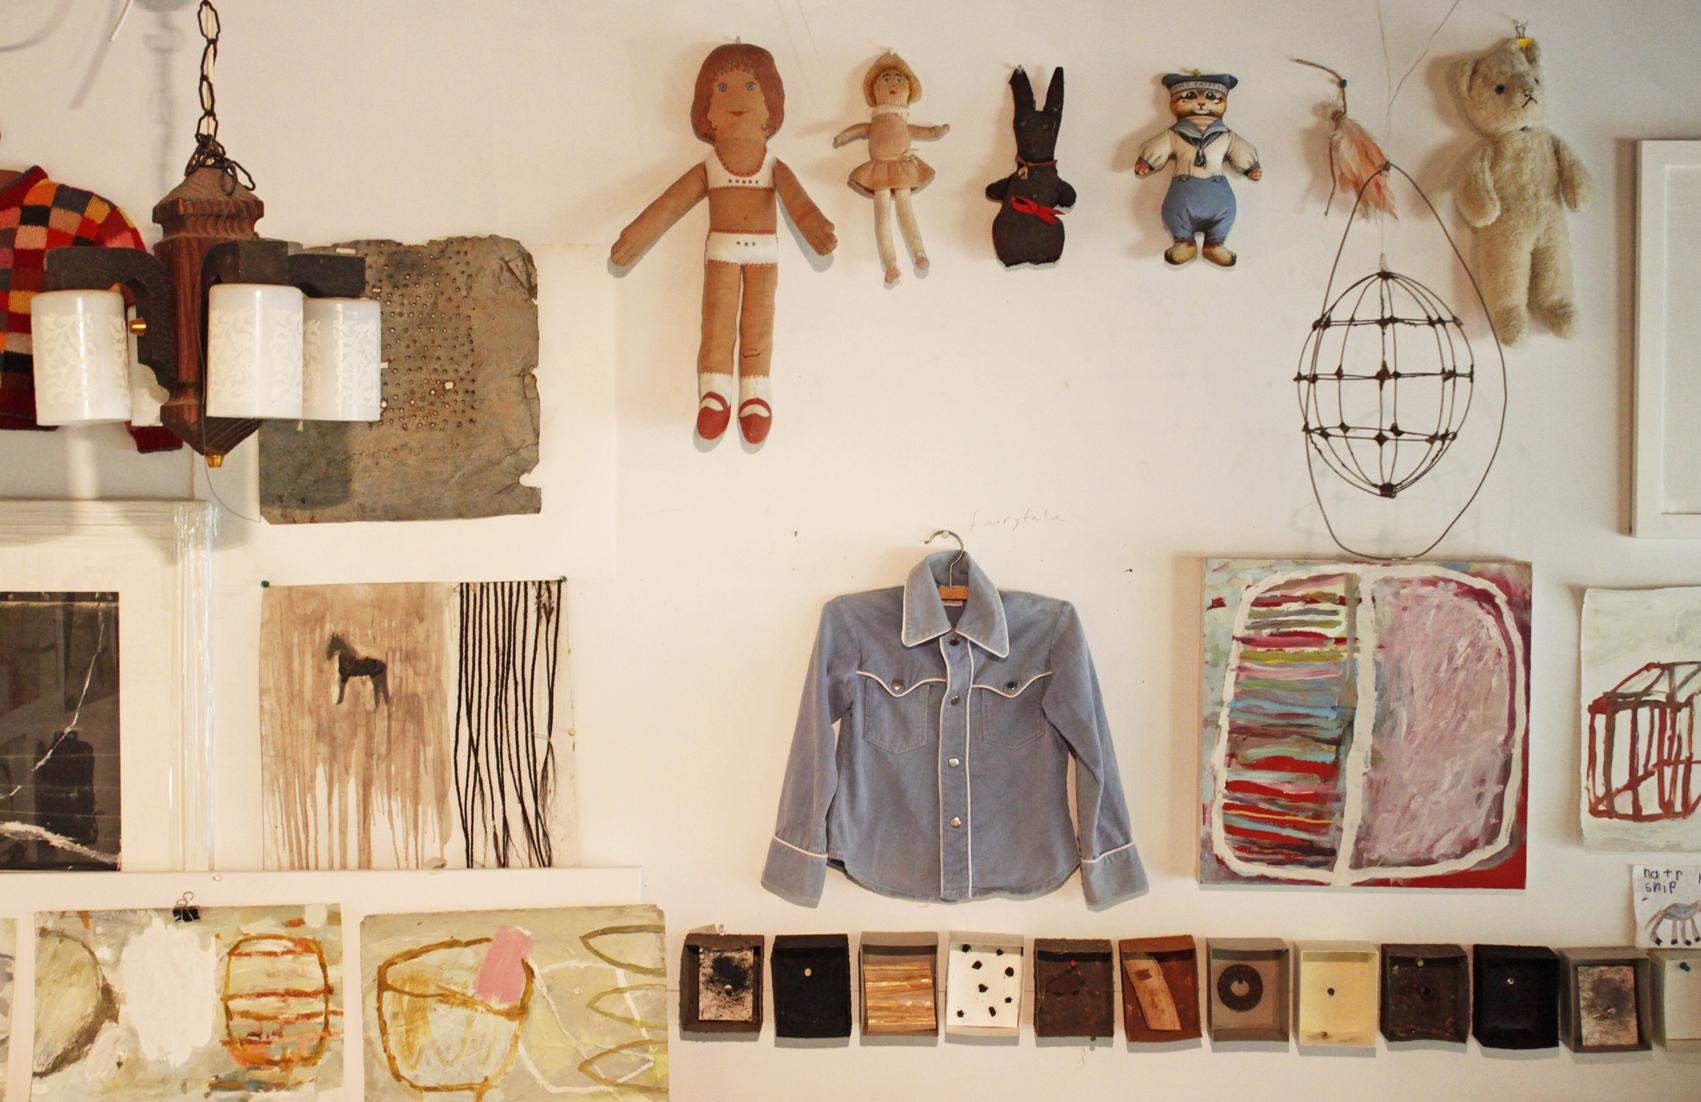 Australian artsits Jaq Davies - The Corner Store Gallery